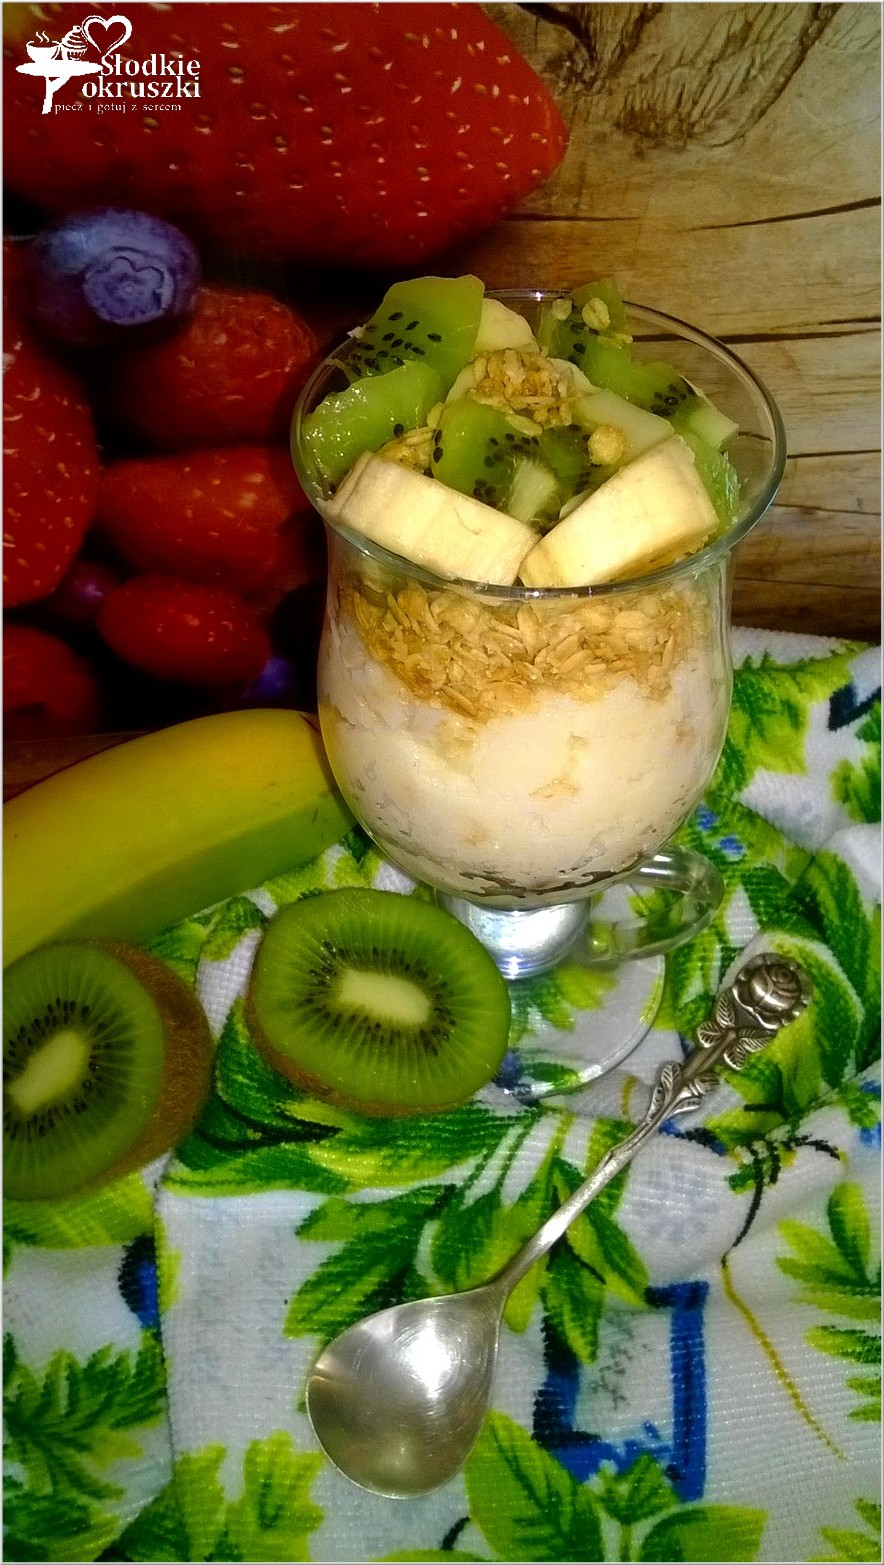 sniadaniowy-pucharek-z-warstwa-kaszy-manny-musli-i-owocami-2